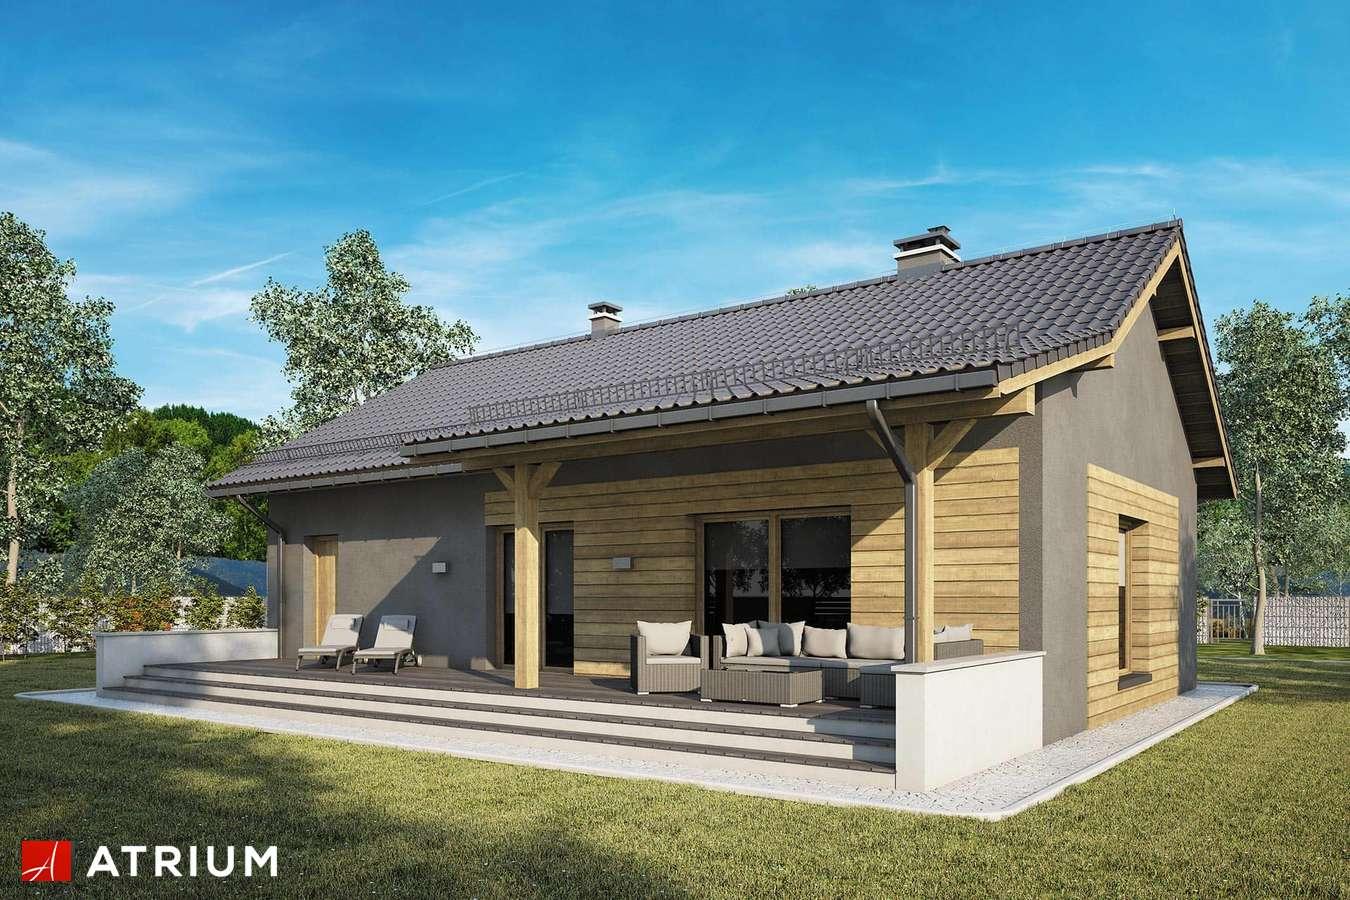 Projekty domów - Projekt domu parterowego RONALDO IX - wizualizacja 2 - wersja lustrzana